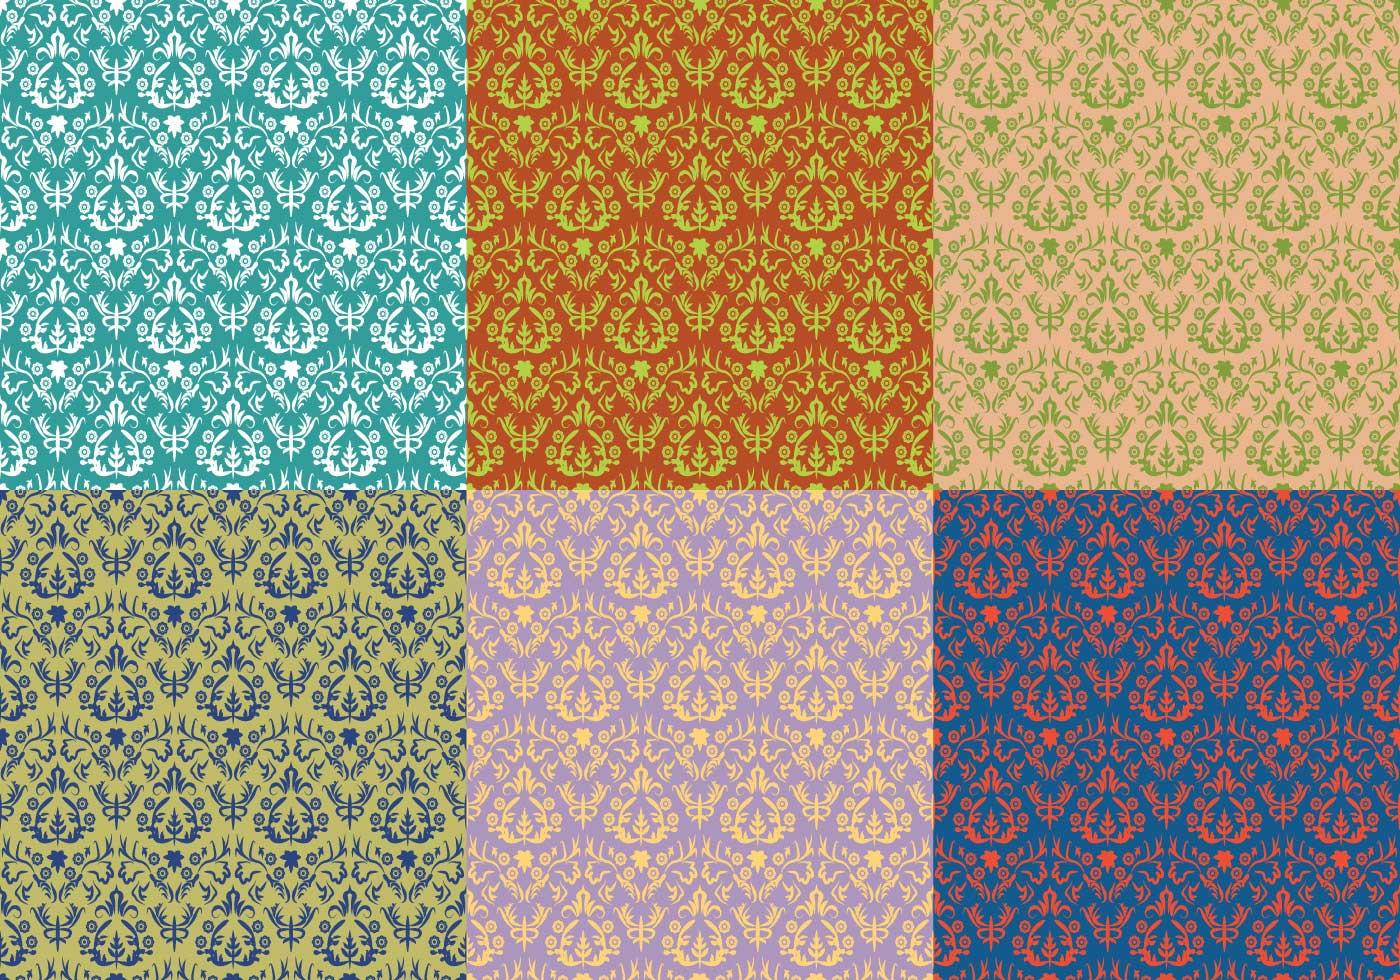 Damask Vintage Floral Pattern Download Free Vector Art